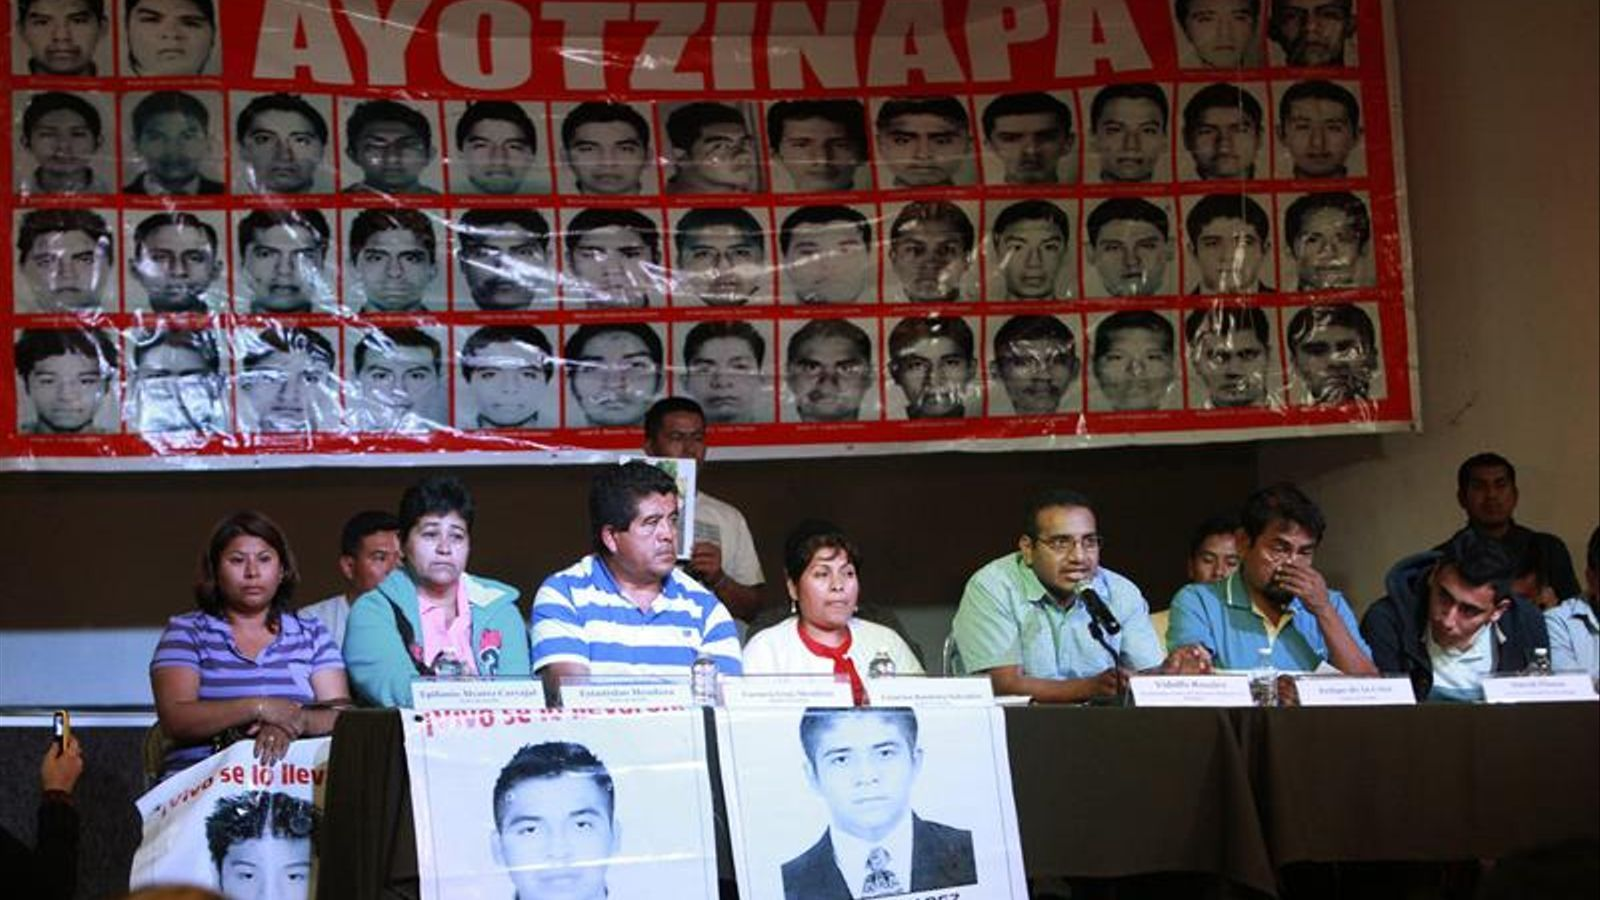 Els pares dels nois desapareguts a Iguala demanen que no s'aturi la investigació. SÁSHENKA GUTIÉRREZ / EFE